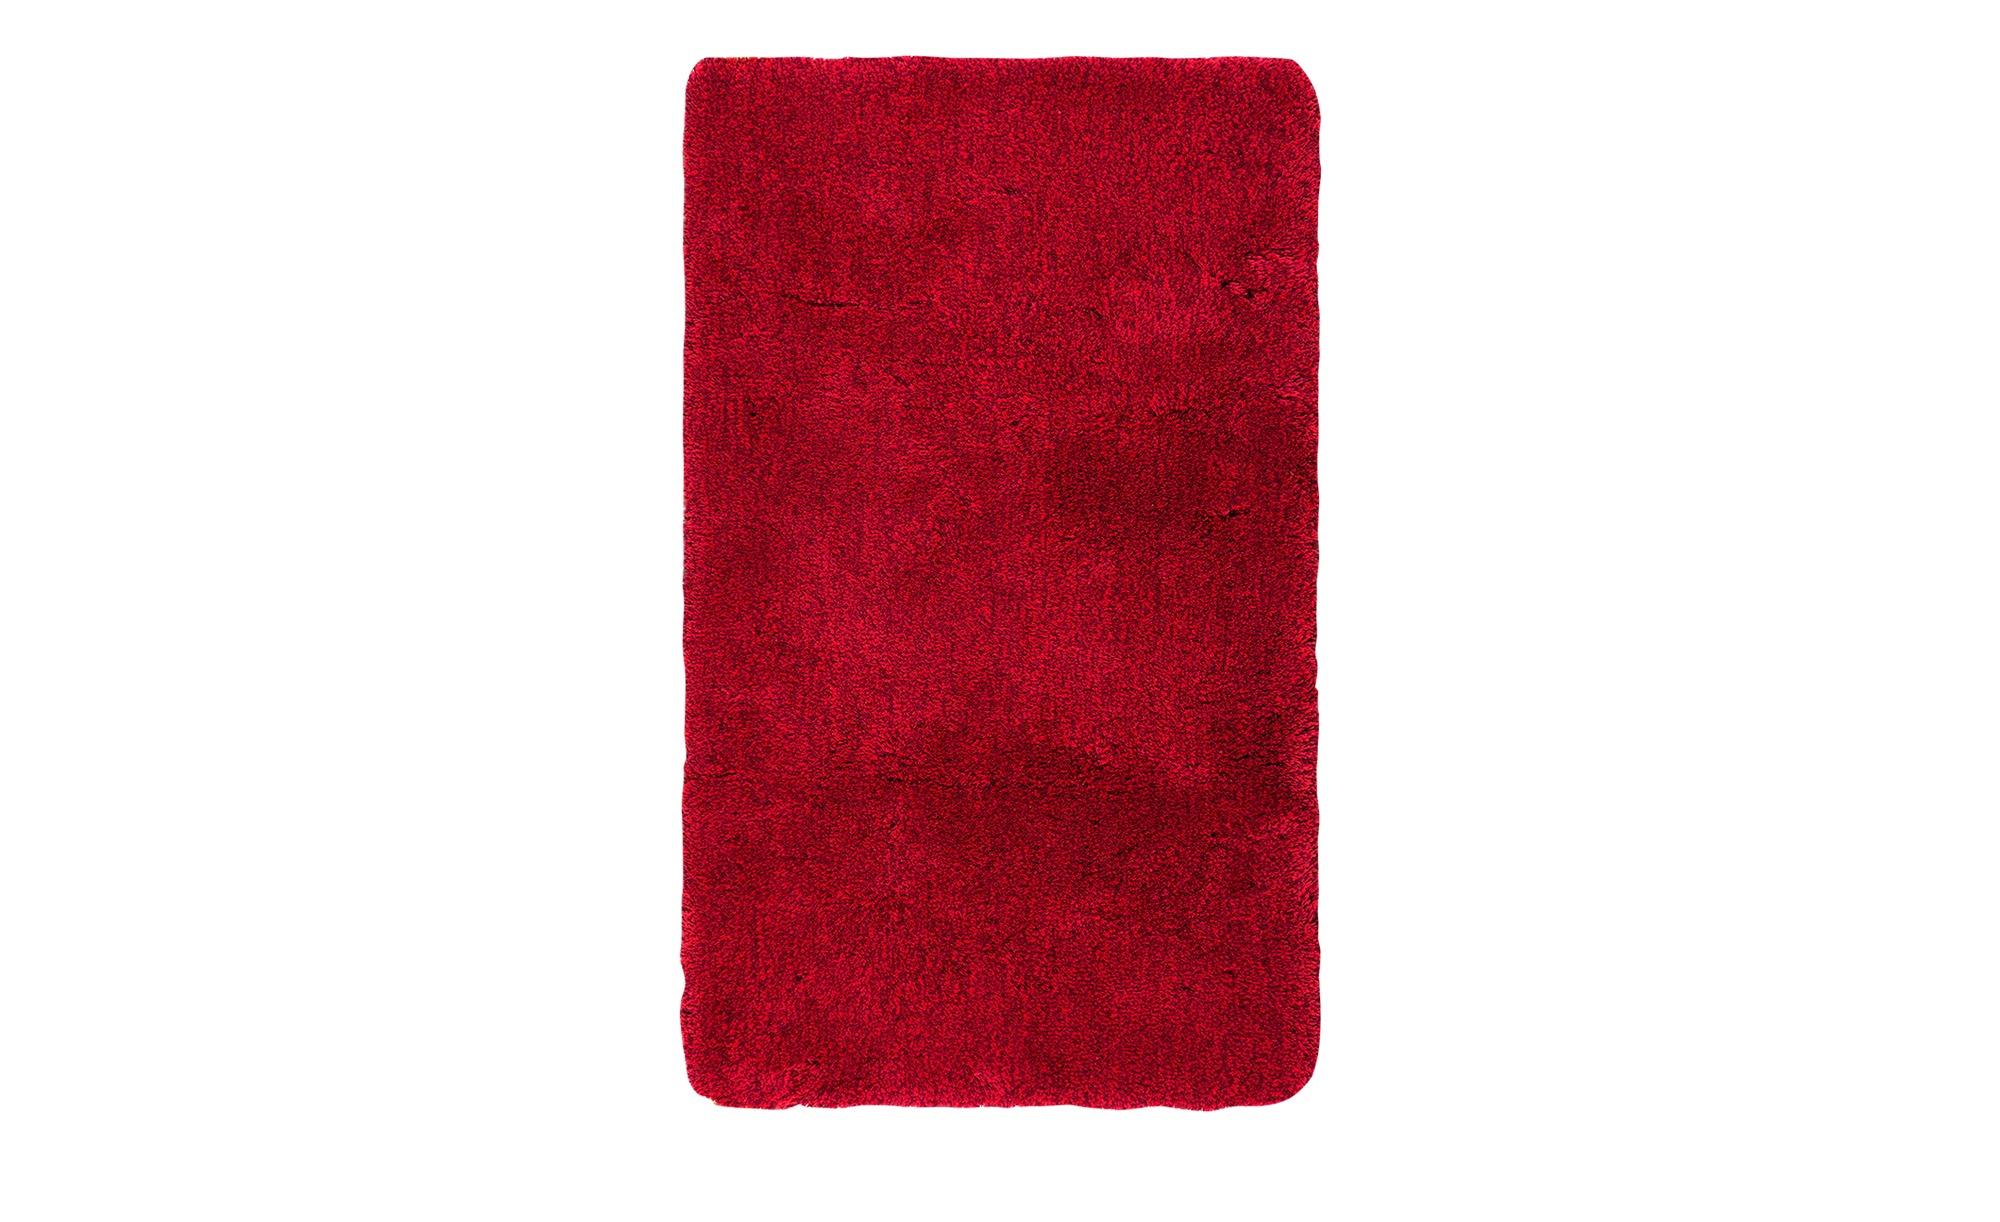 Kleine Wolke Badteppich  Relax ¦ rot ¦ 100% Polyacryl ¦ Maße (cm): B: 70 Badtextilien und Zubehör > Badematten & Badvorleger - Höffner